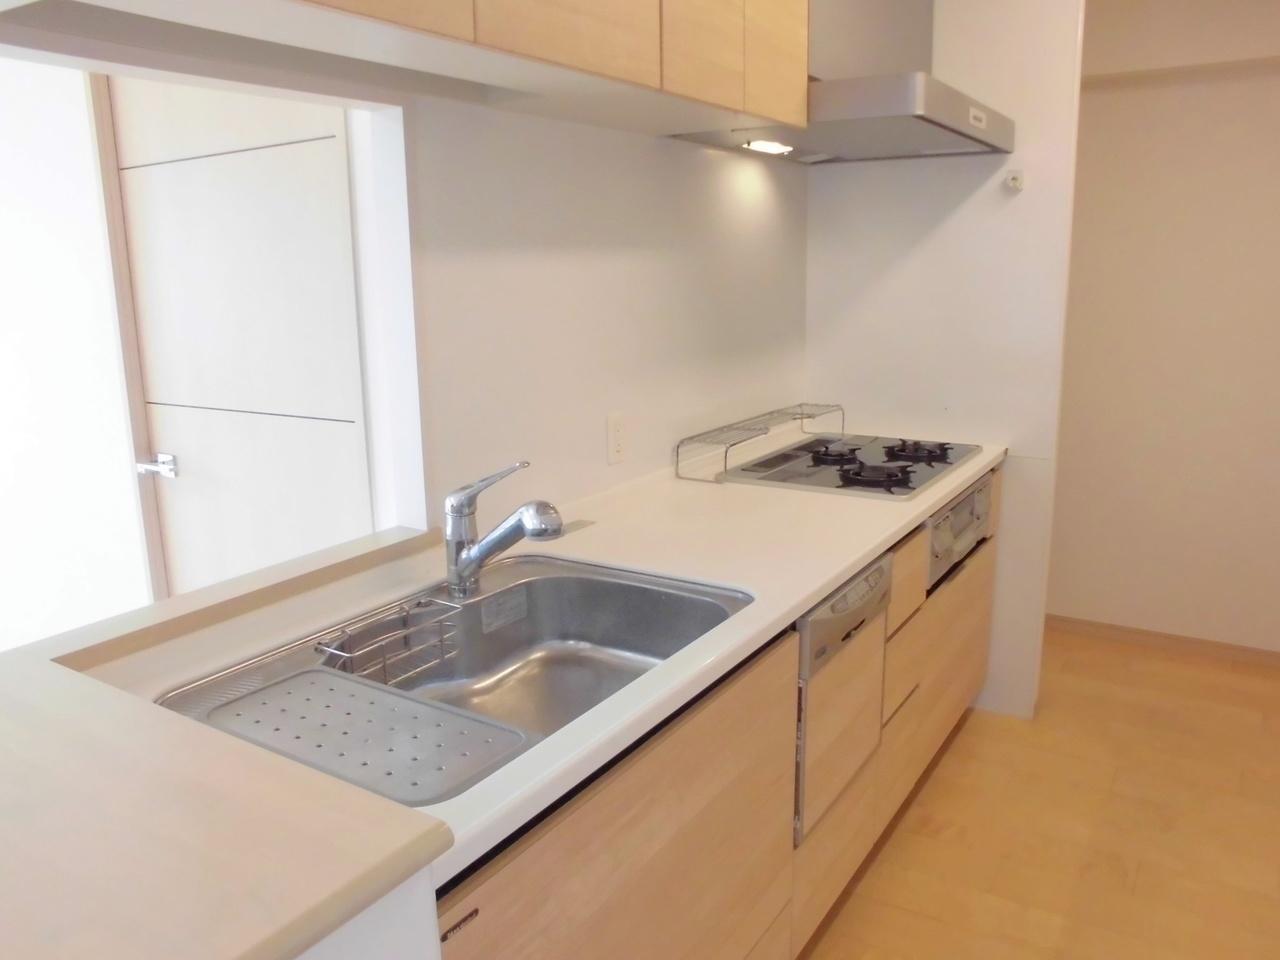 家事をしながら小さなお子様を見守ることができる対面式のキッチンは、奥様に嬉しい食器洗浄乾燥機付!